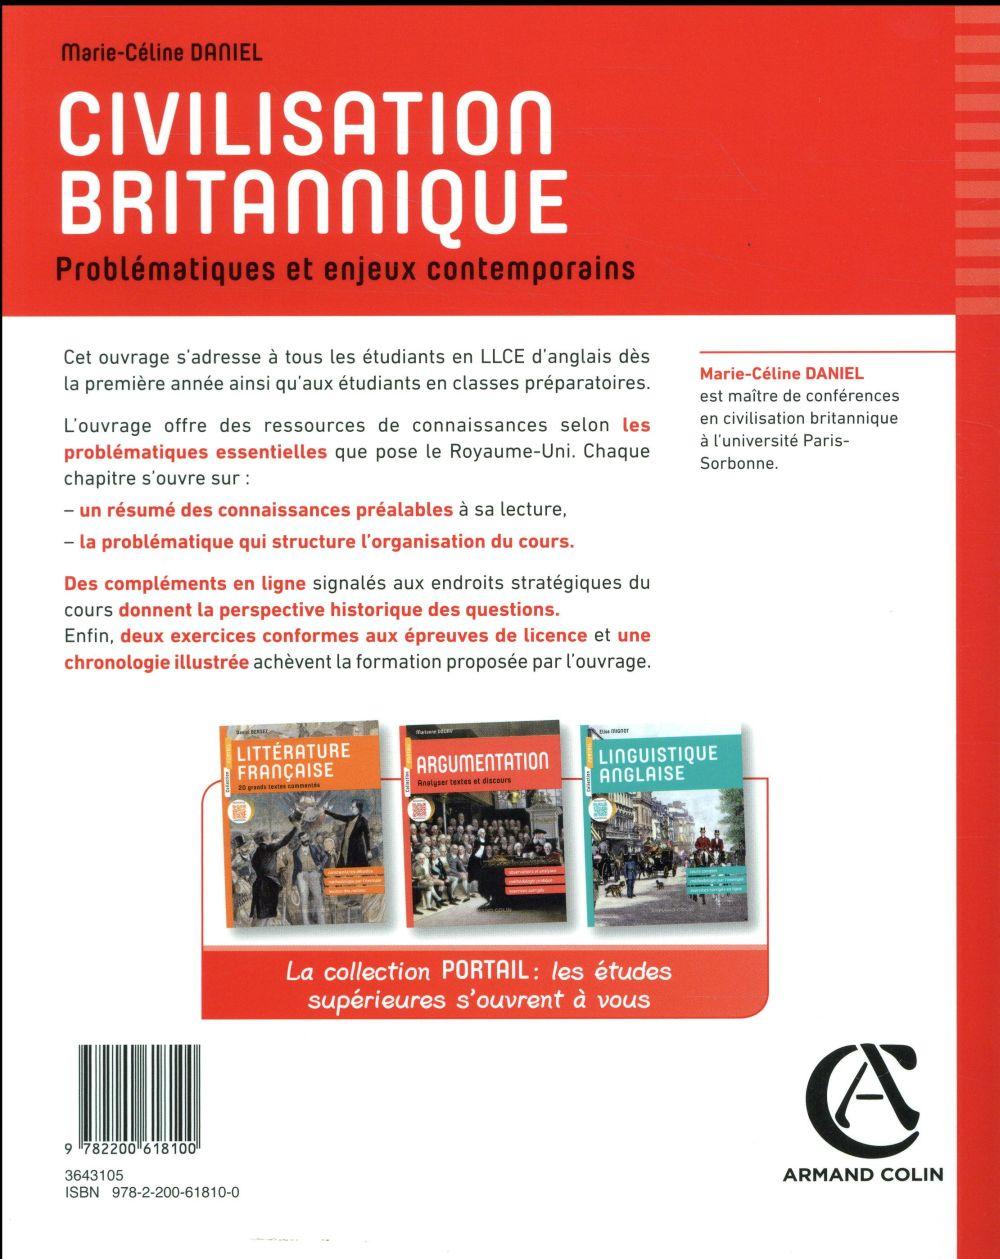 Civilisation britannique ; problématiques et en enjeux contemporains